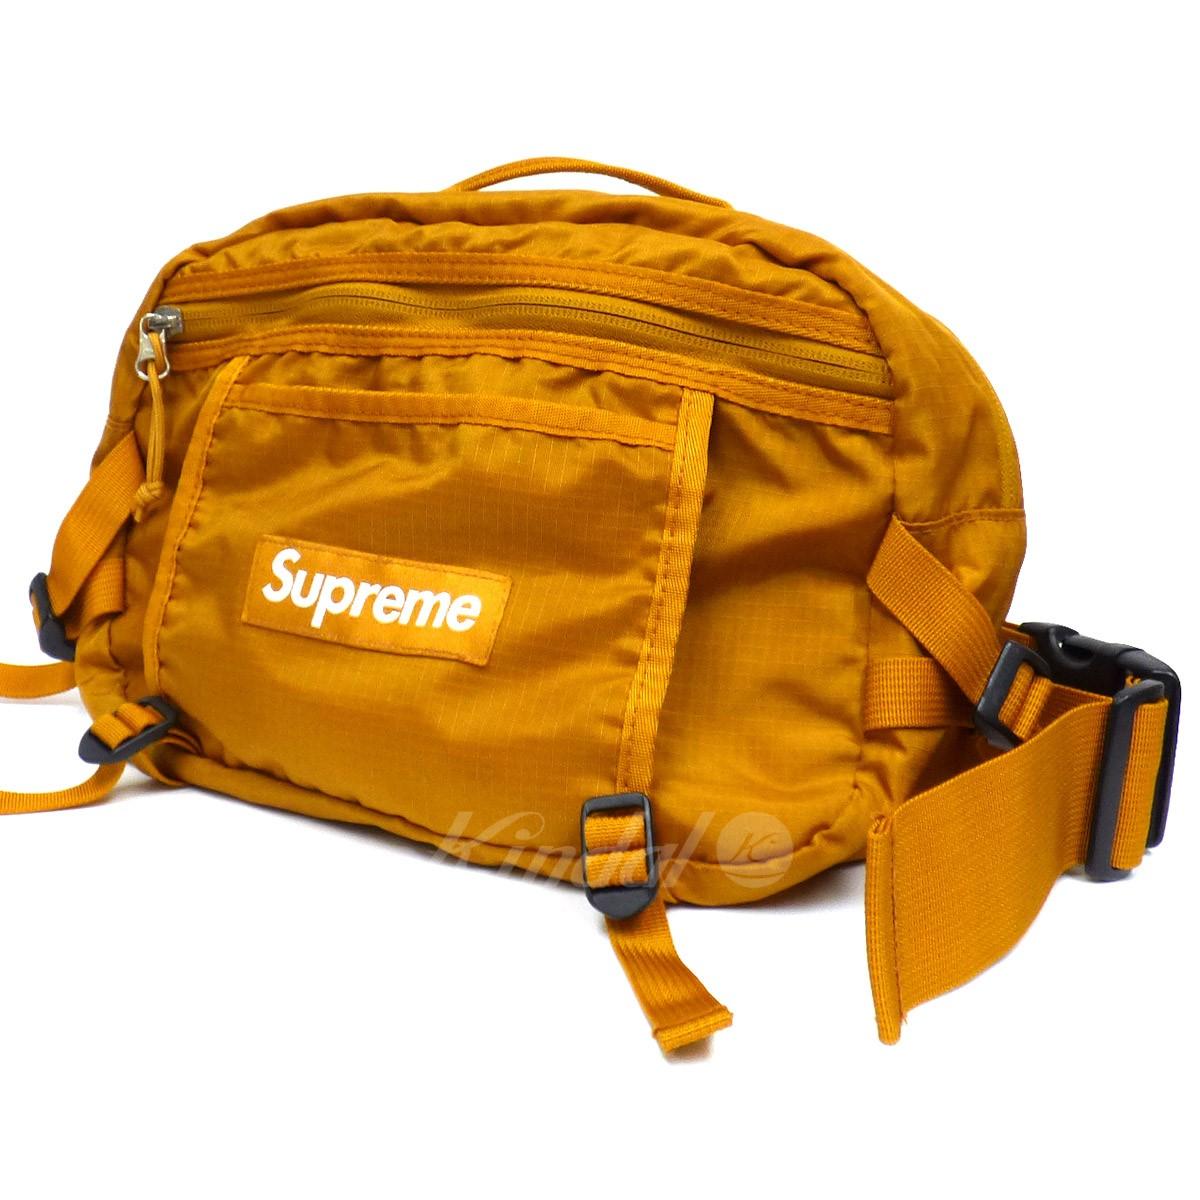 【中古】SUPREME 16SS Shoulder Bagショルダーバッグ 【送料無料】 【005882】 【KIND1551】